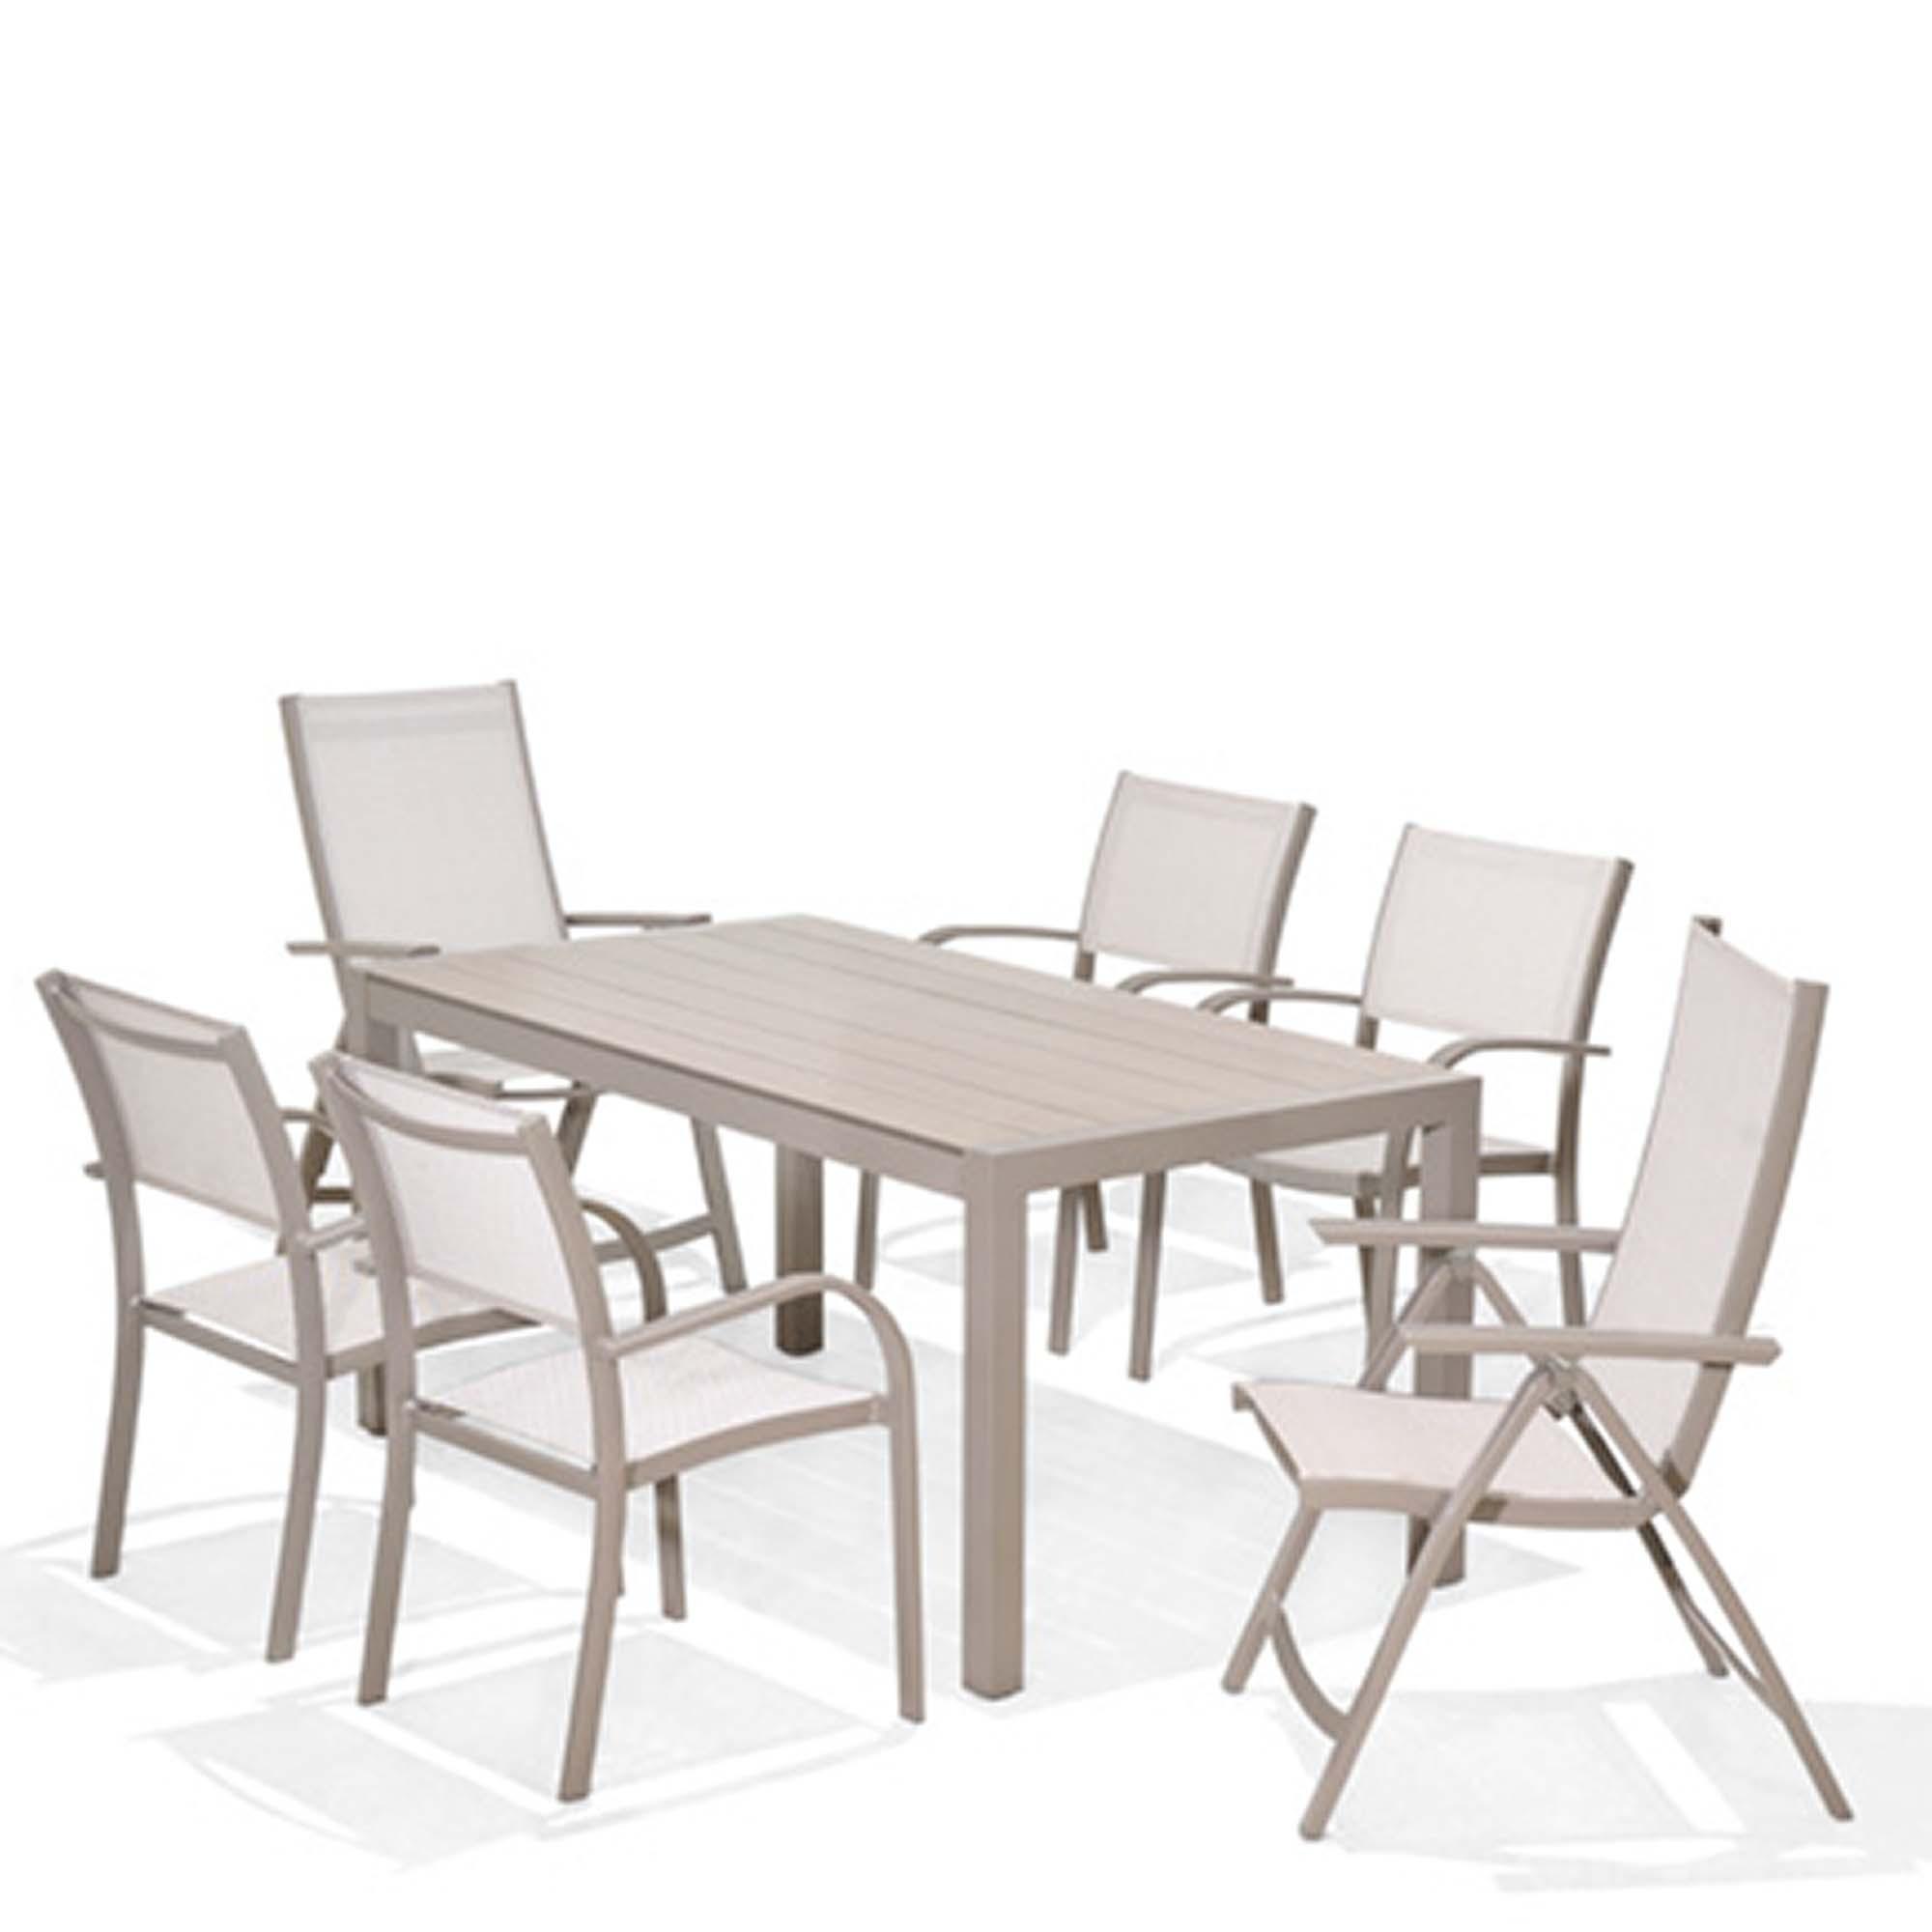 Bộ bàn ghế ngoài trời Morella 8 seater set 2/3